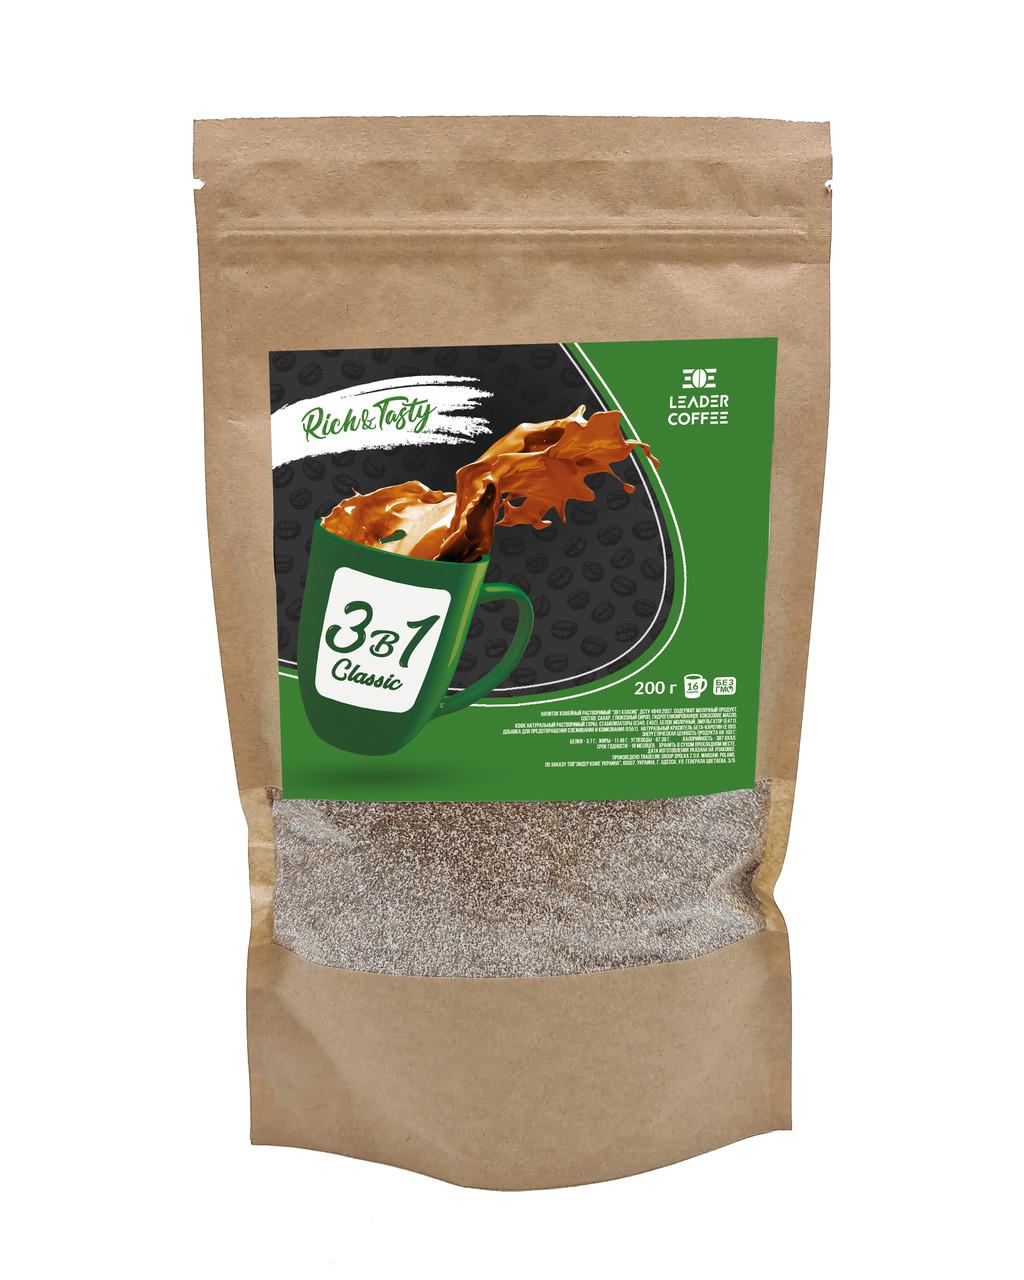 Кофе Leadercoffee 3в1 Original, 200 г